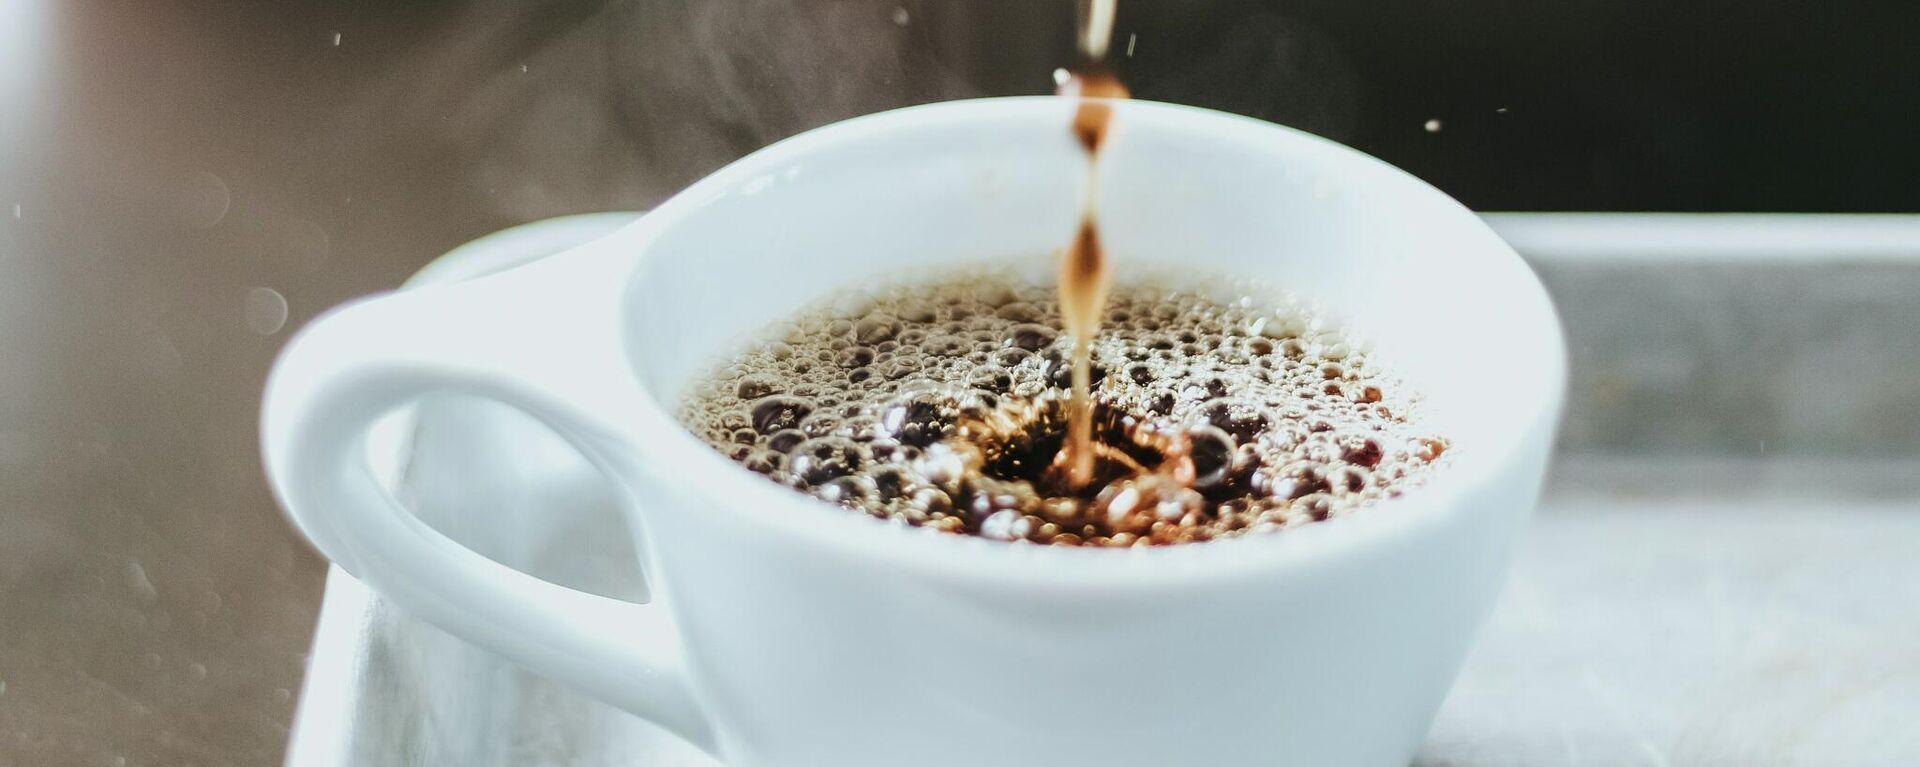 Una taza de café - Sputnik Mundo, 1920, 02.05.2021